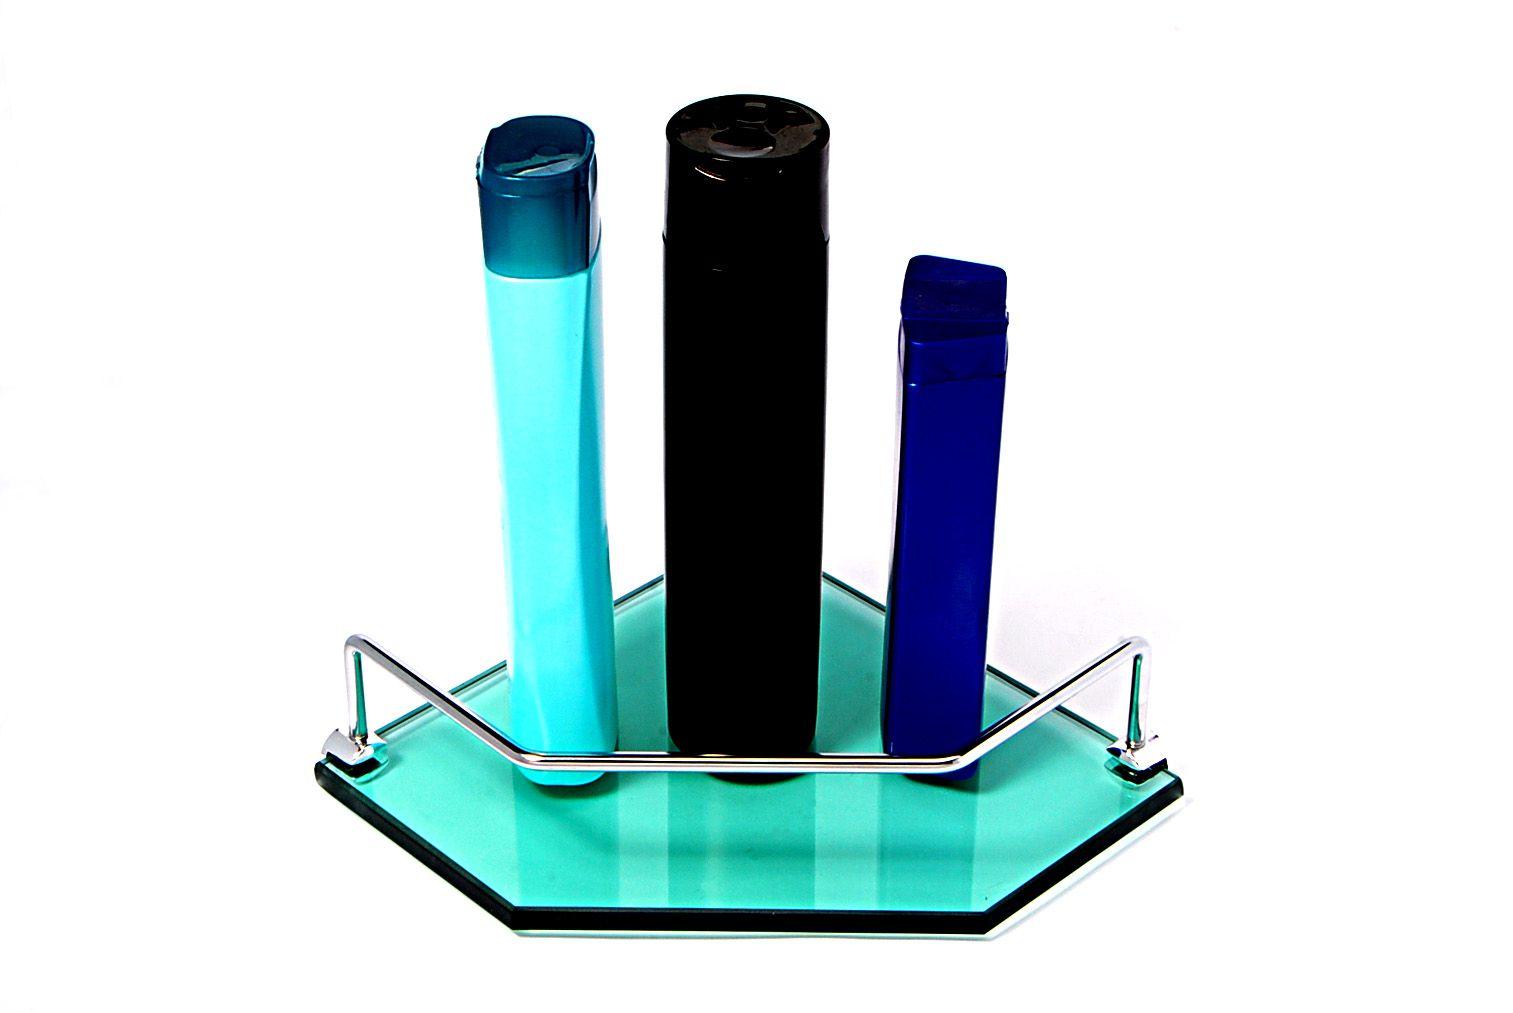 Porta Shampoo Canto Reto em Vidro Verde Lapidado - Aquabox  - 20cmx20cmx10mm